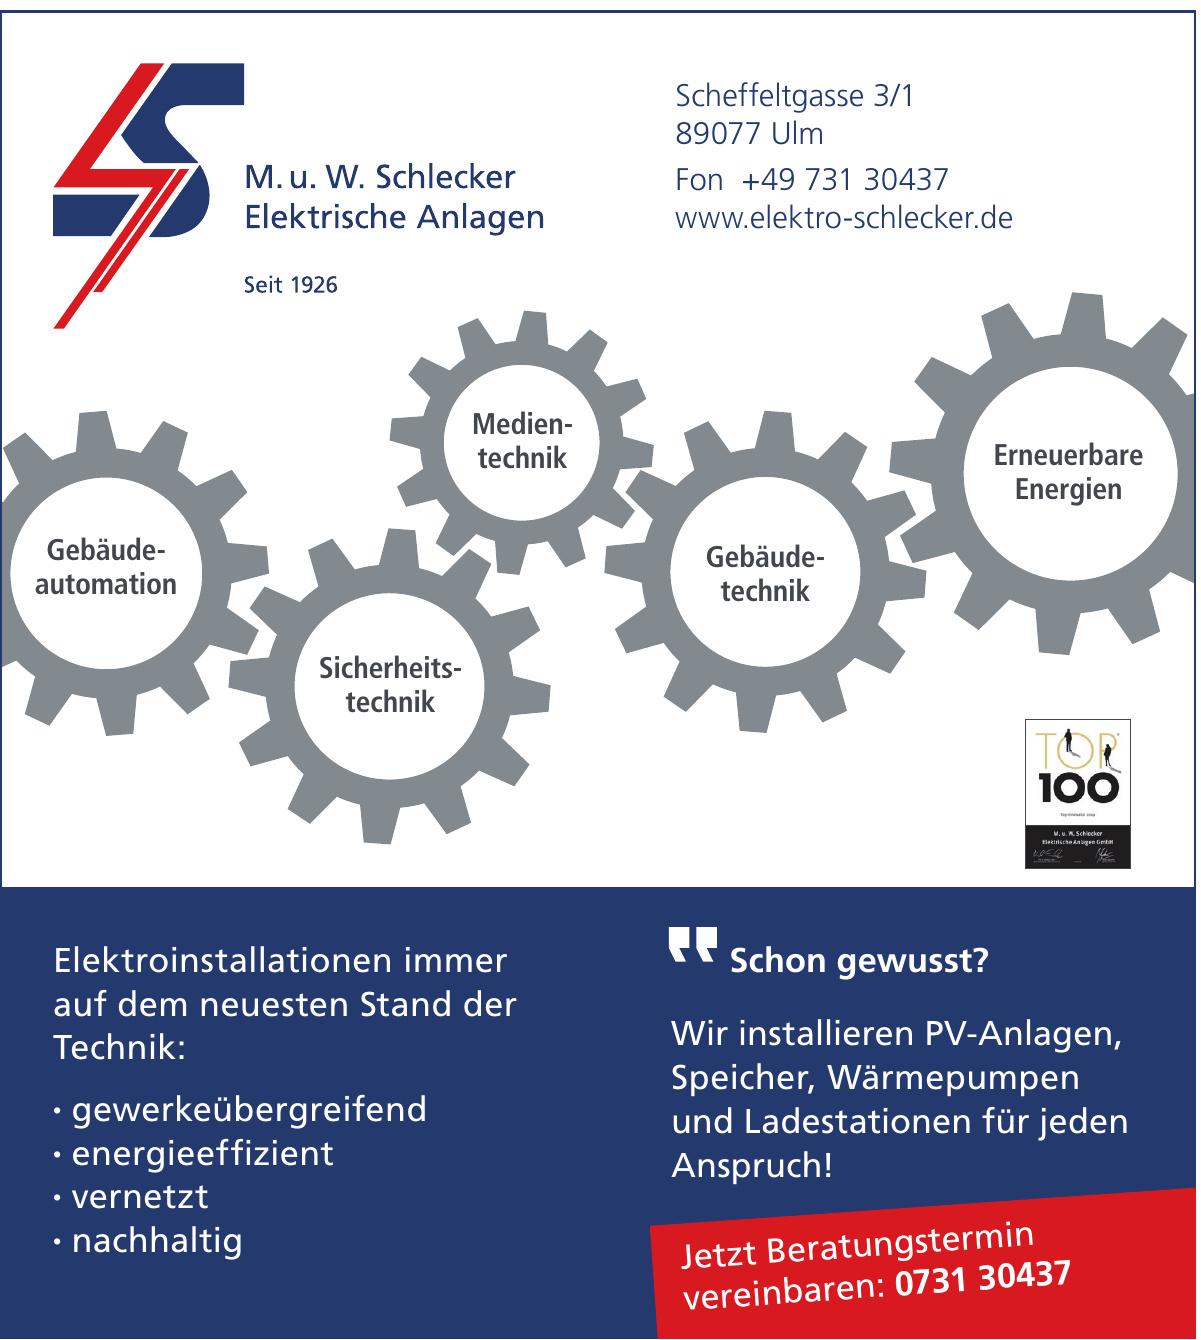 M. u. W. Schlecker Elektrische Anlagen GmbH